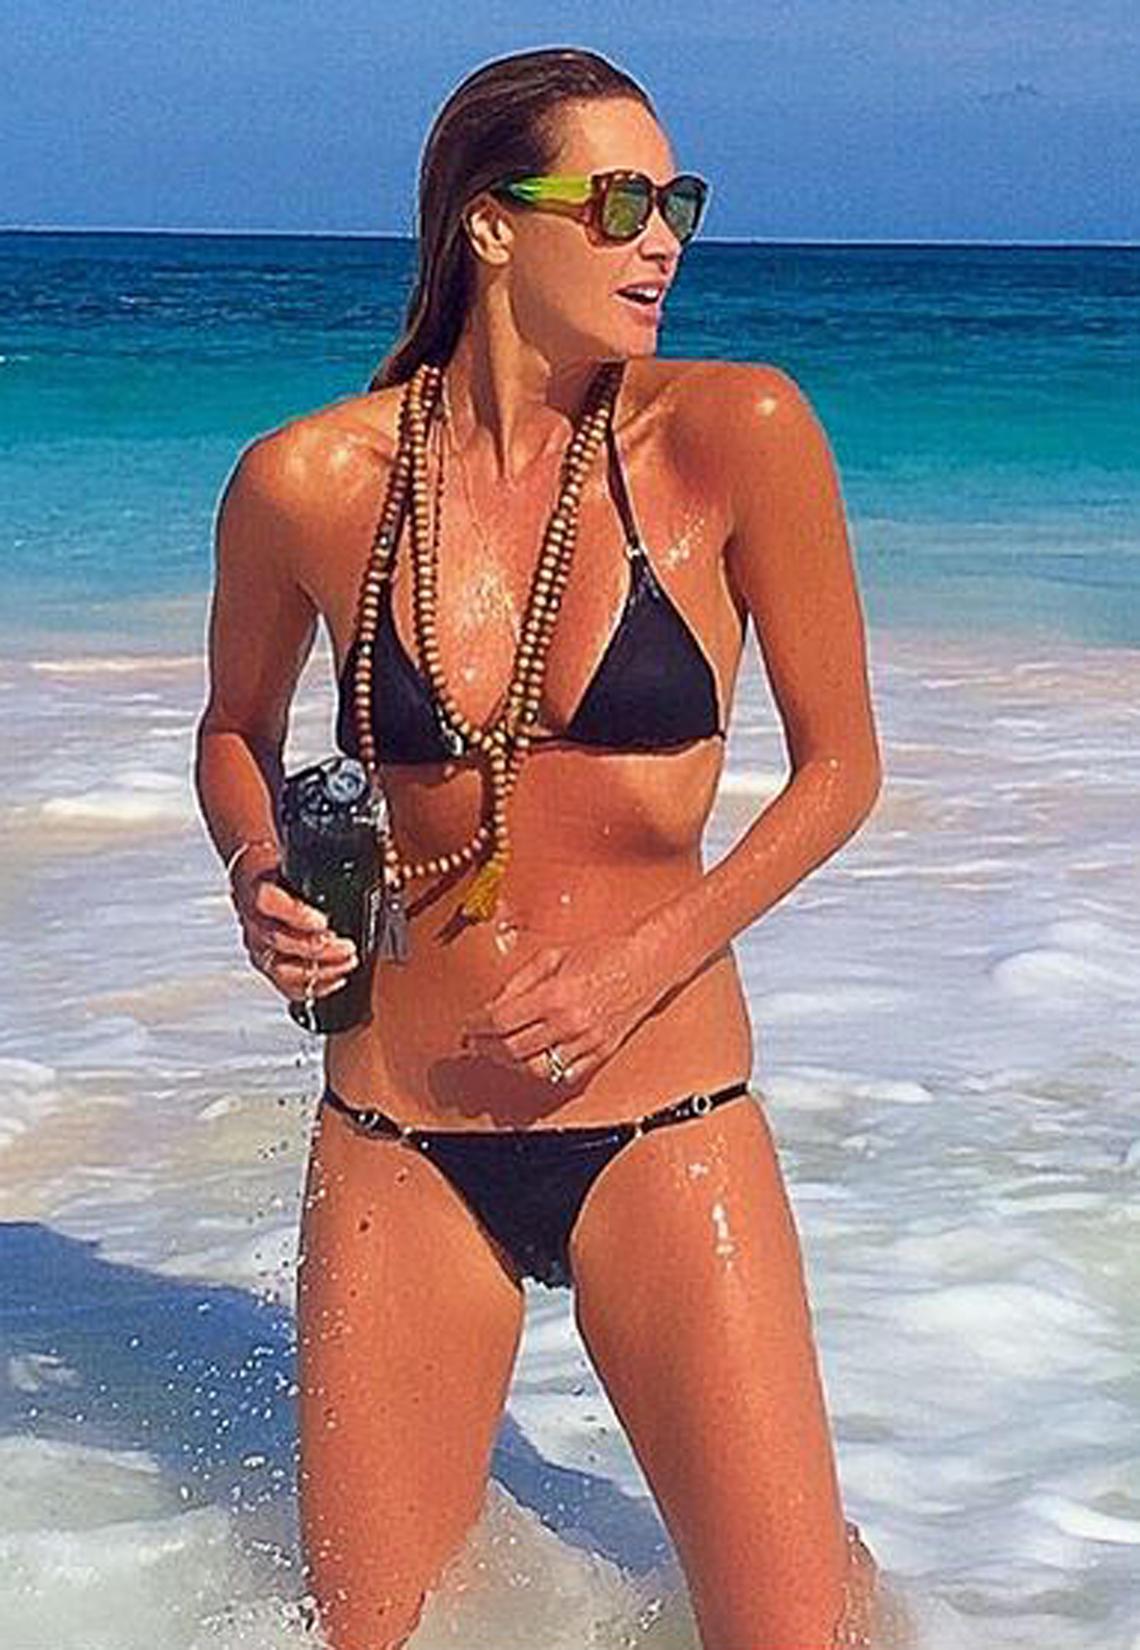 Supermodel Elle Macpherson präsentiert sich im knappen Bikini und zeigt ihren makellosen Body. In Hollywood kann sie ihren jungen Kolleginnen mit dieser Figur bei Weitem das Wasser reichen.